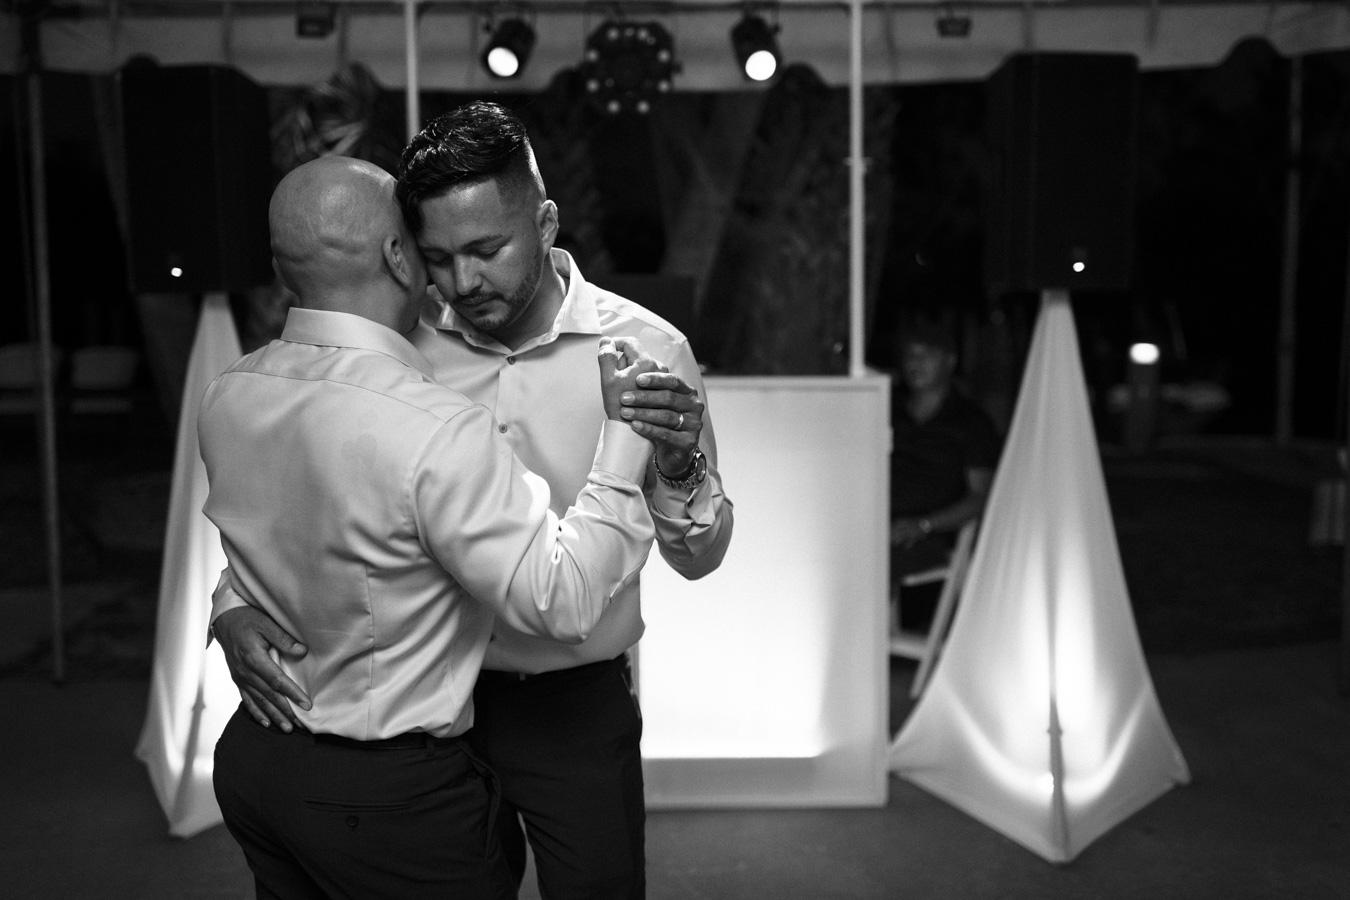 Gino_Jose_Sarasota_FL_Wedding_June_23_2018-50.jpg